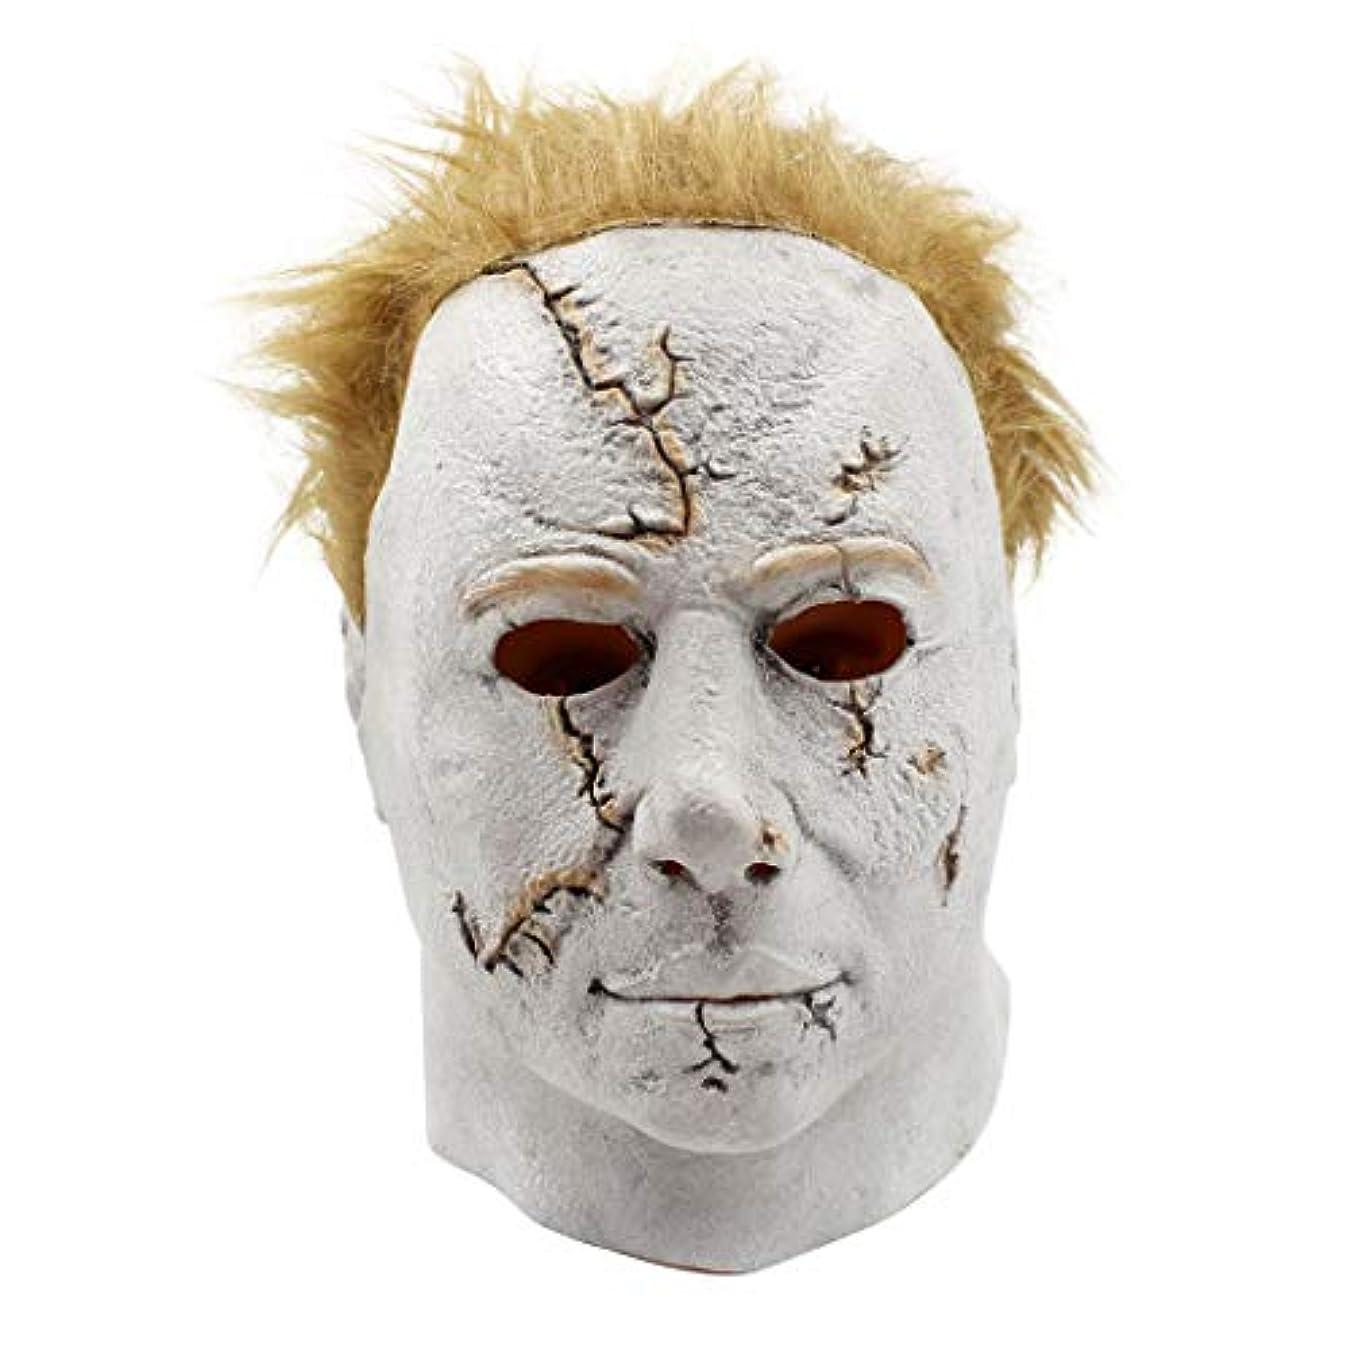 大洪水気まぐれなよく話されるマスクフード映画月光が舞う白い顔ホラーラテックス